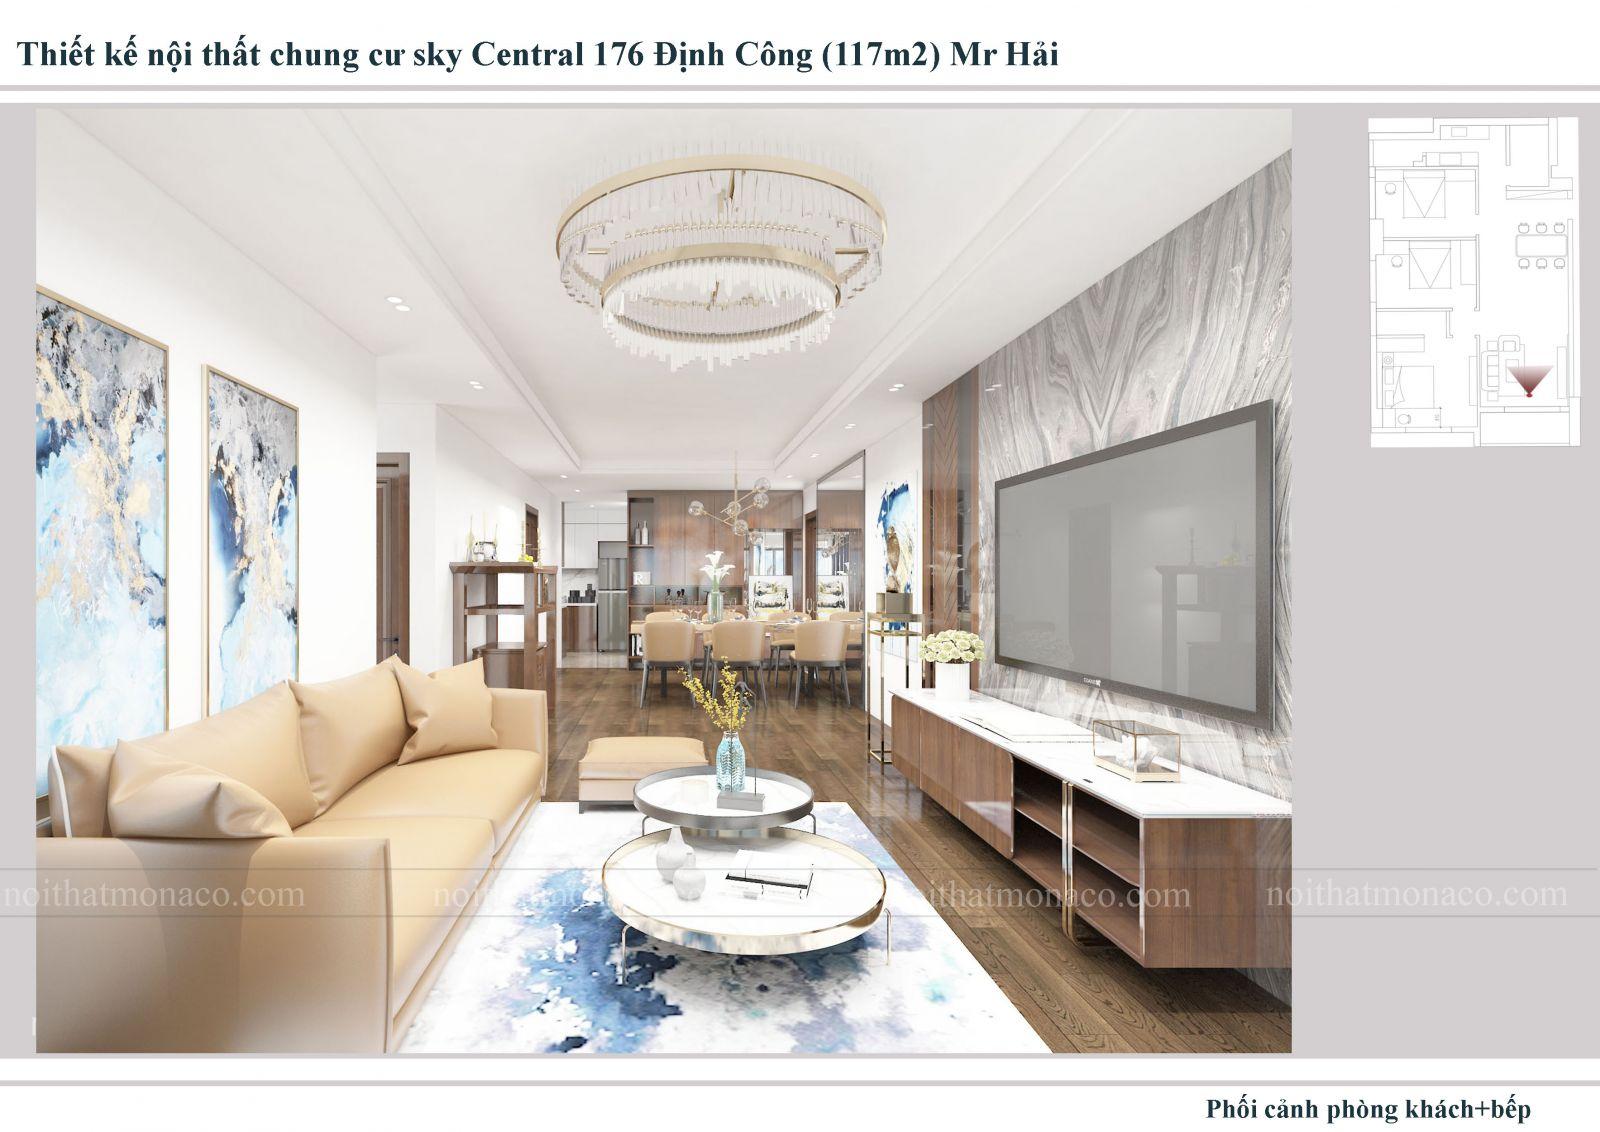 Thiết kế nội thất căn hộ 3 phòng ngủ chung cu sky central